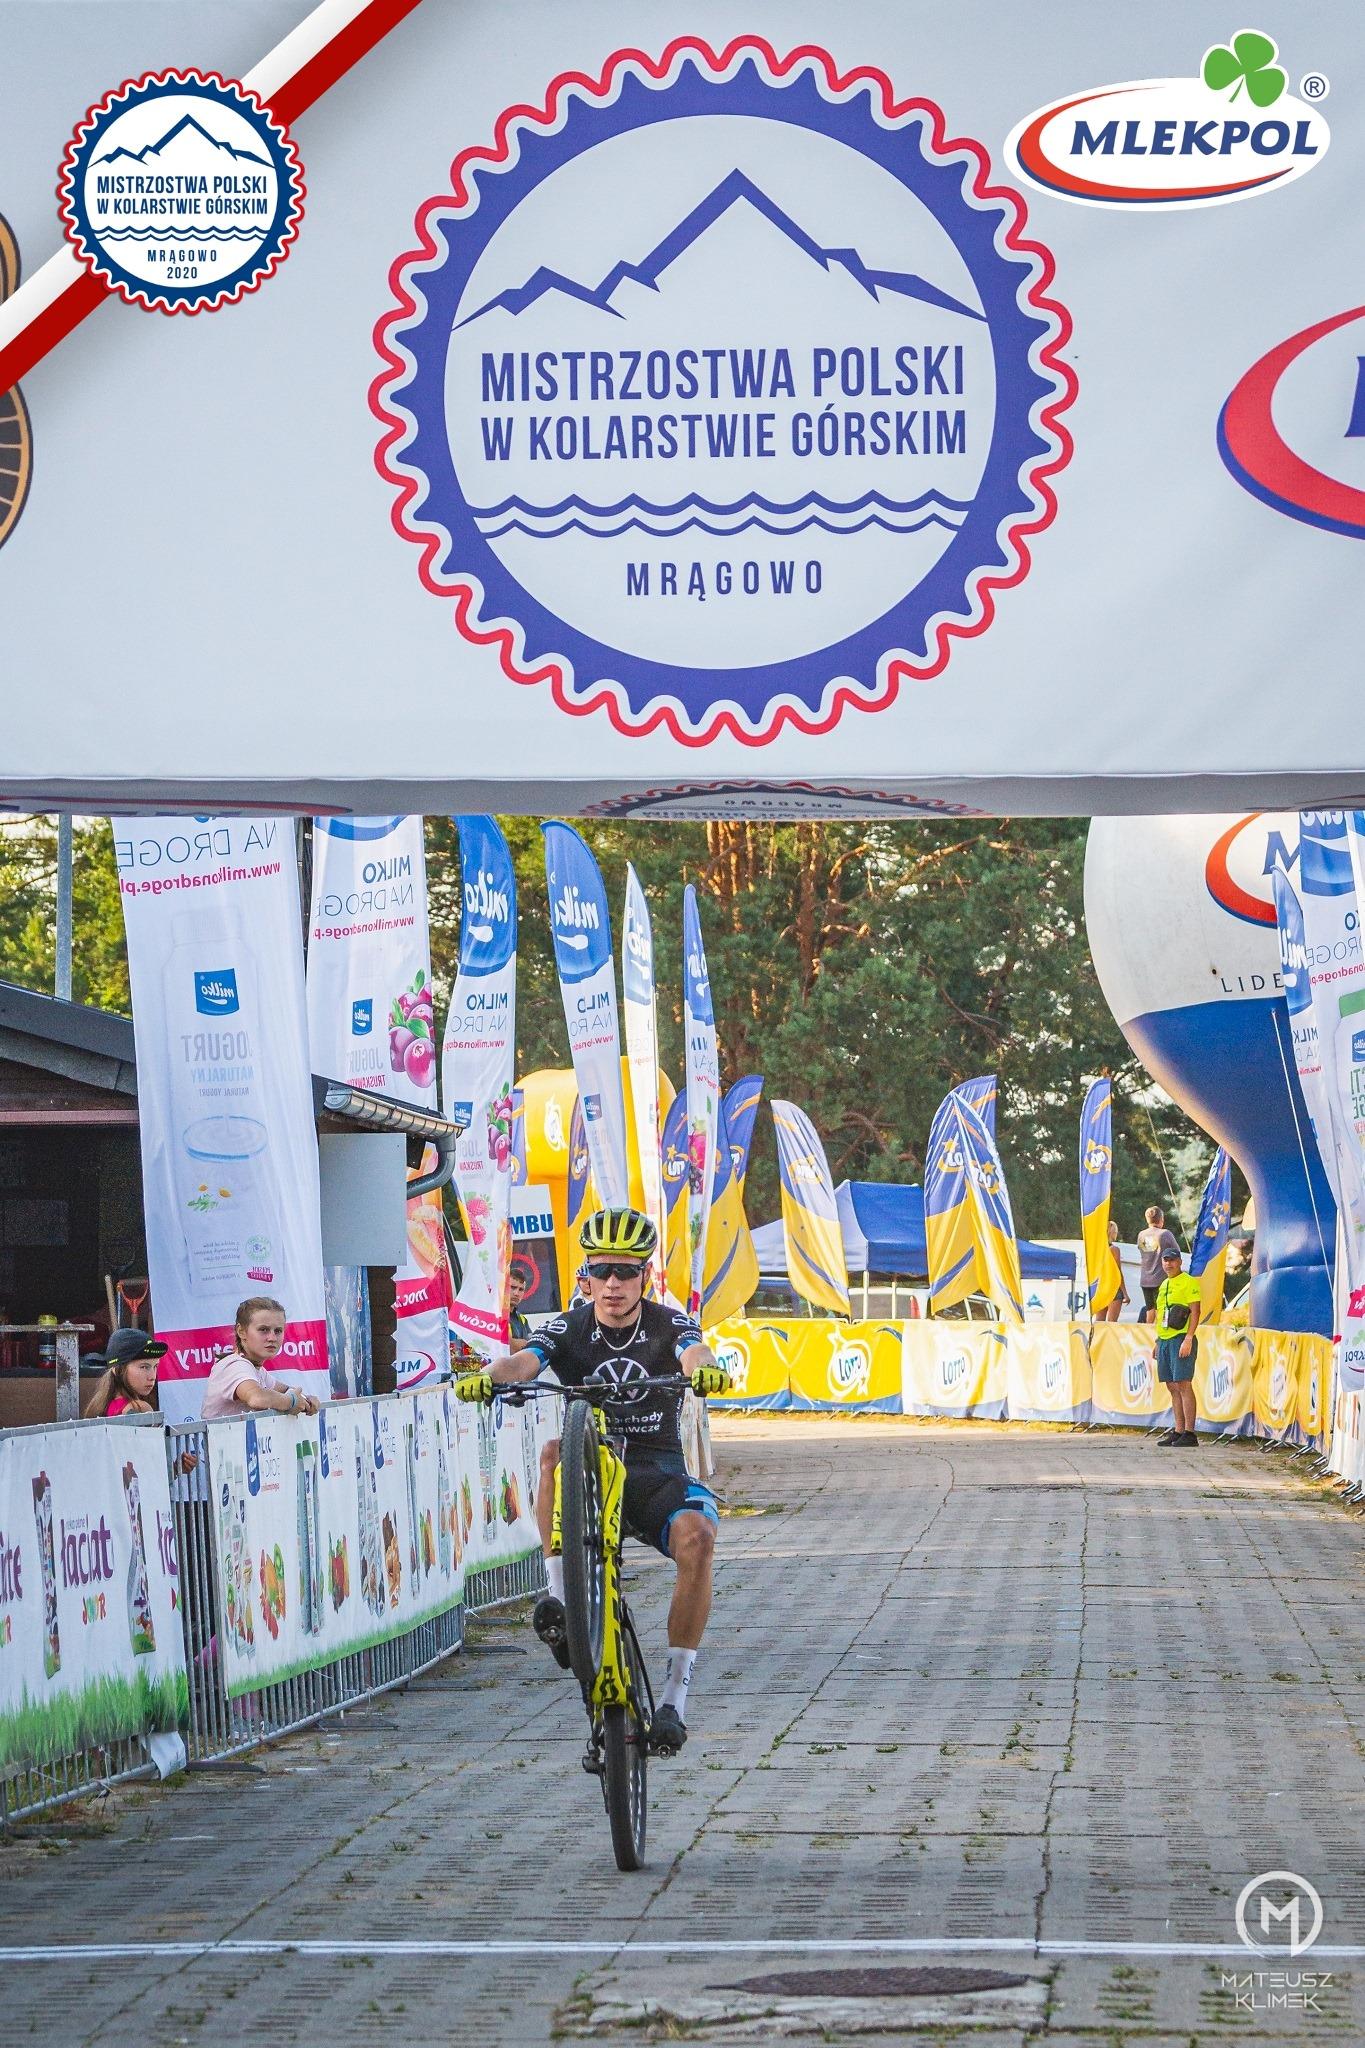 Mistrzostwa Polski w kolarstwie górskim Mrągowo 2020 – dzień 1